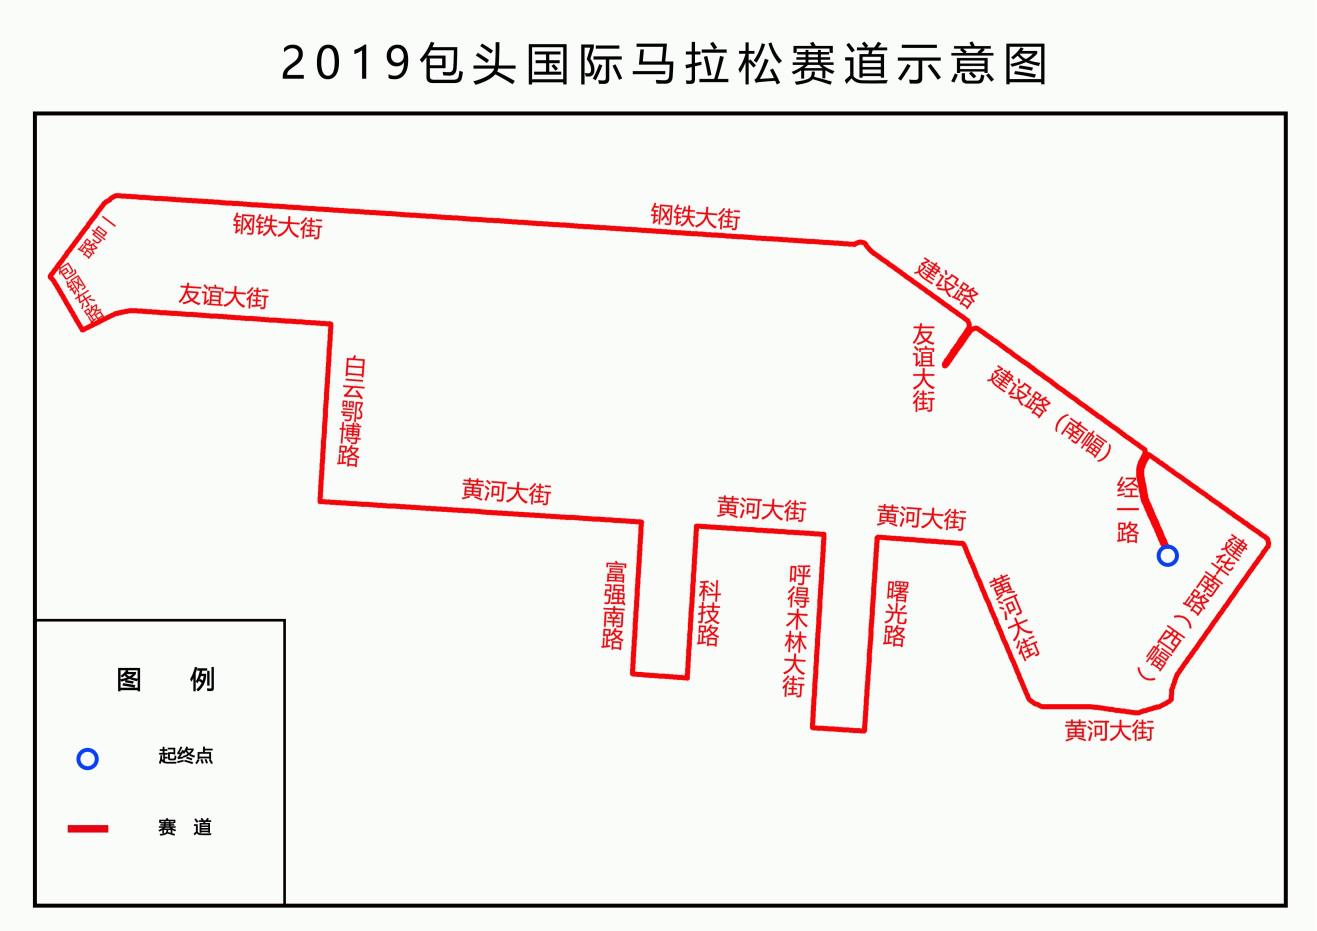 2019包头首届国际马拉松赛事期间道路交通管制通告